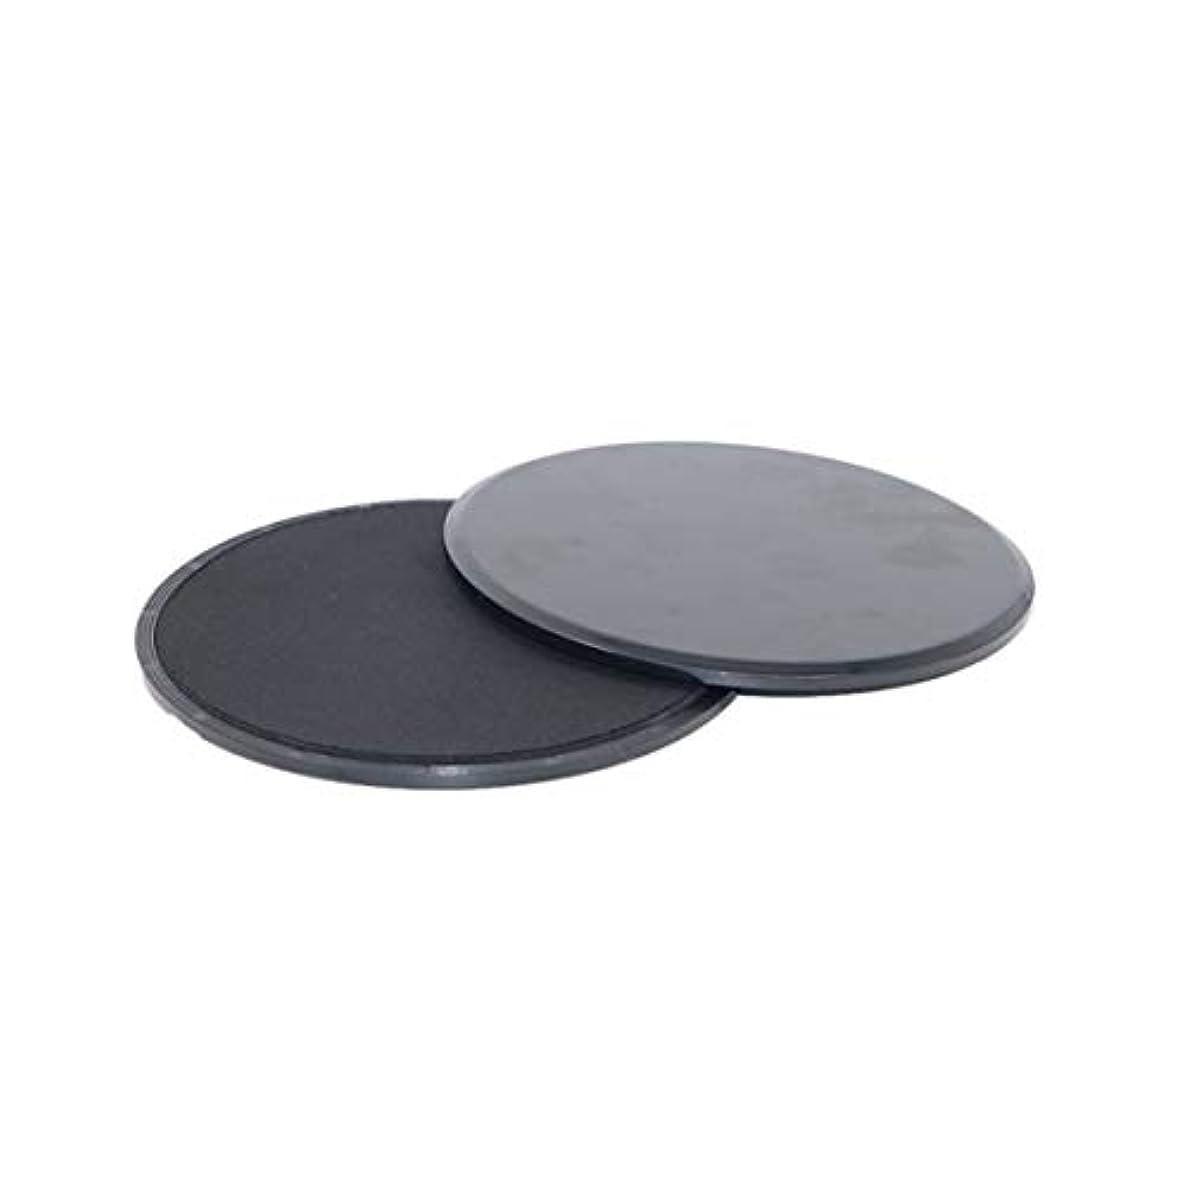 レンズ混乱させるシーンフィットネススライドグライディングディスク調整能力フィットネスエクササイズスライダーコアトレーニング腹部と全身トレーニング用 - ブラック